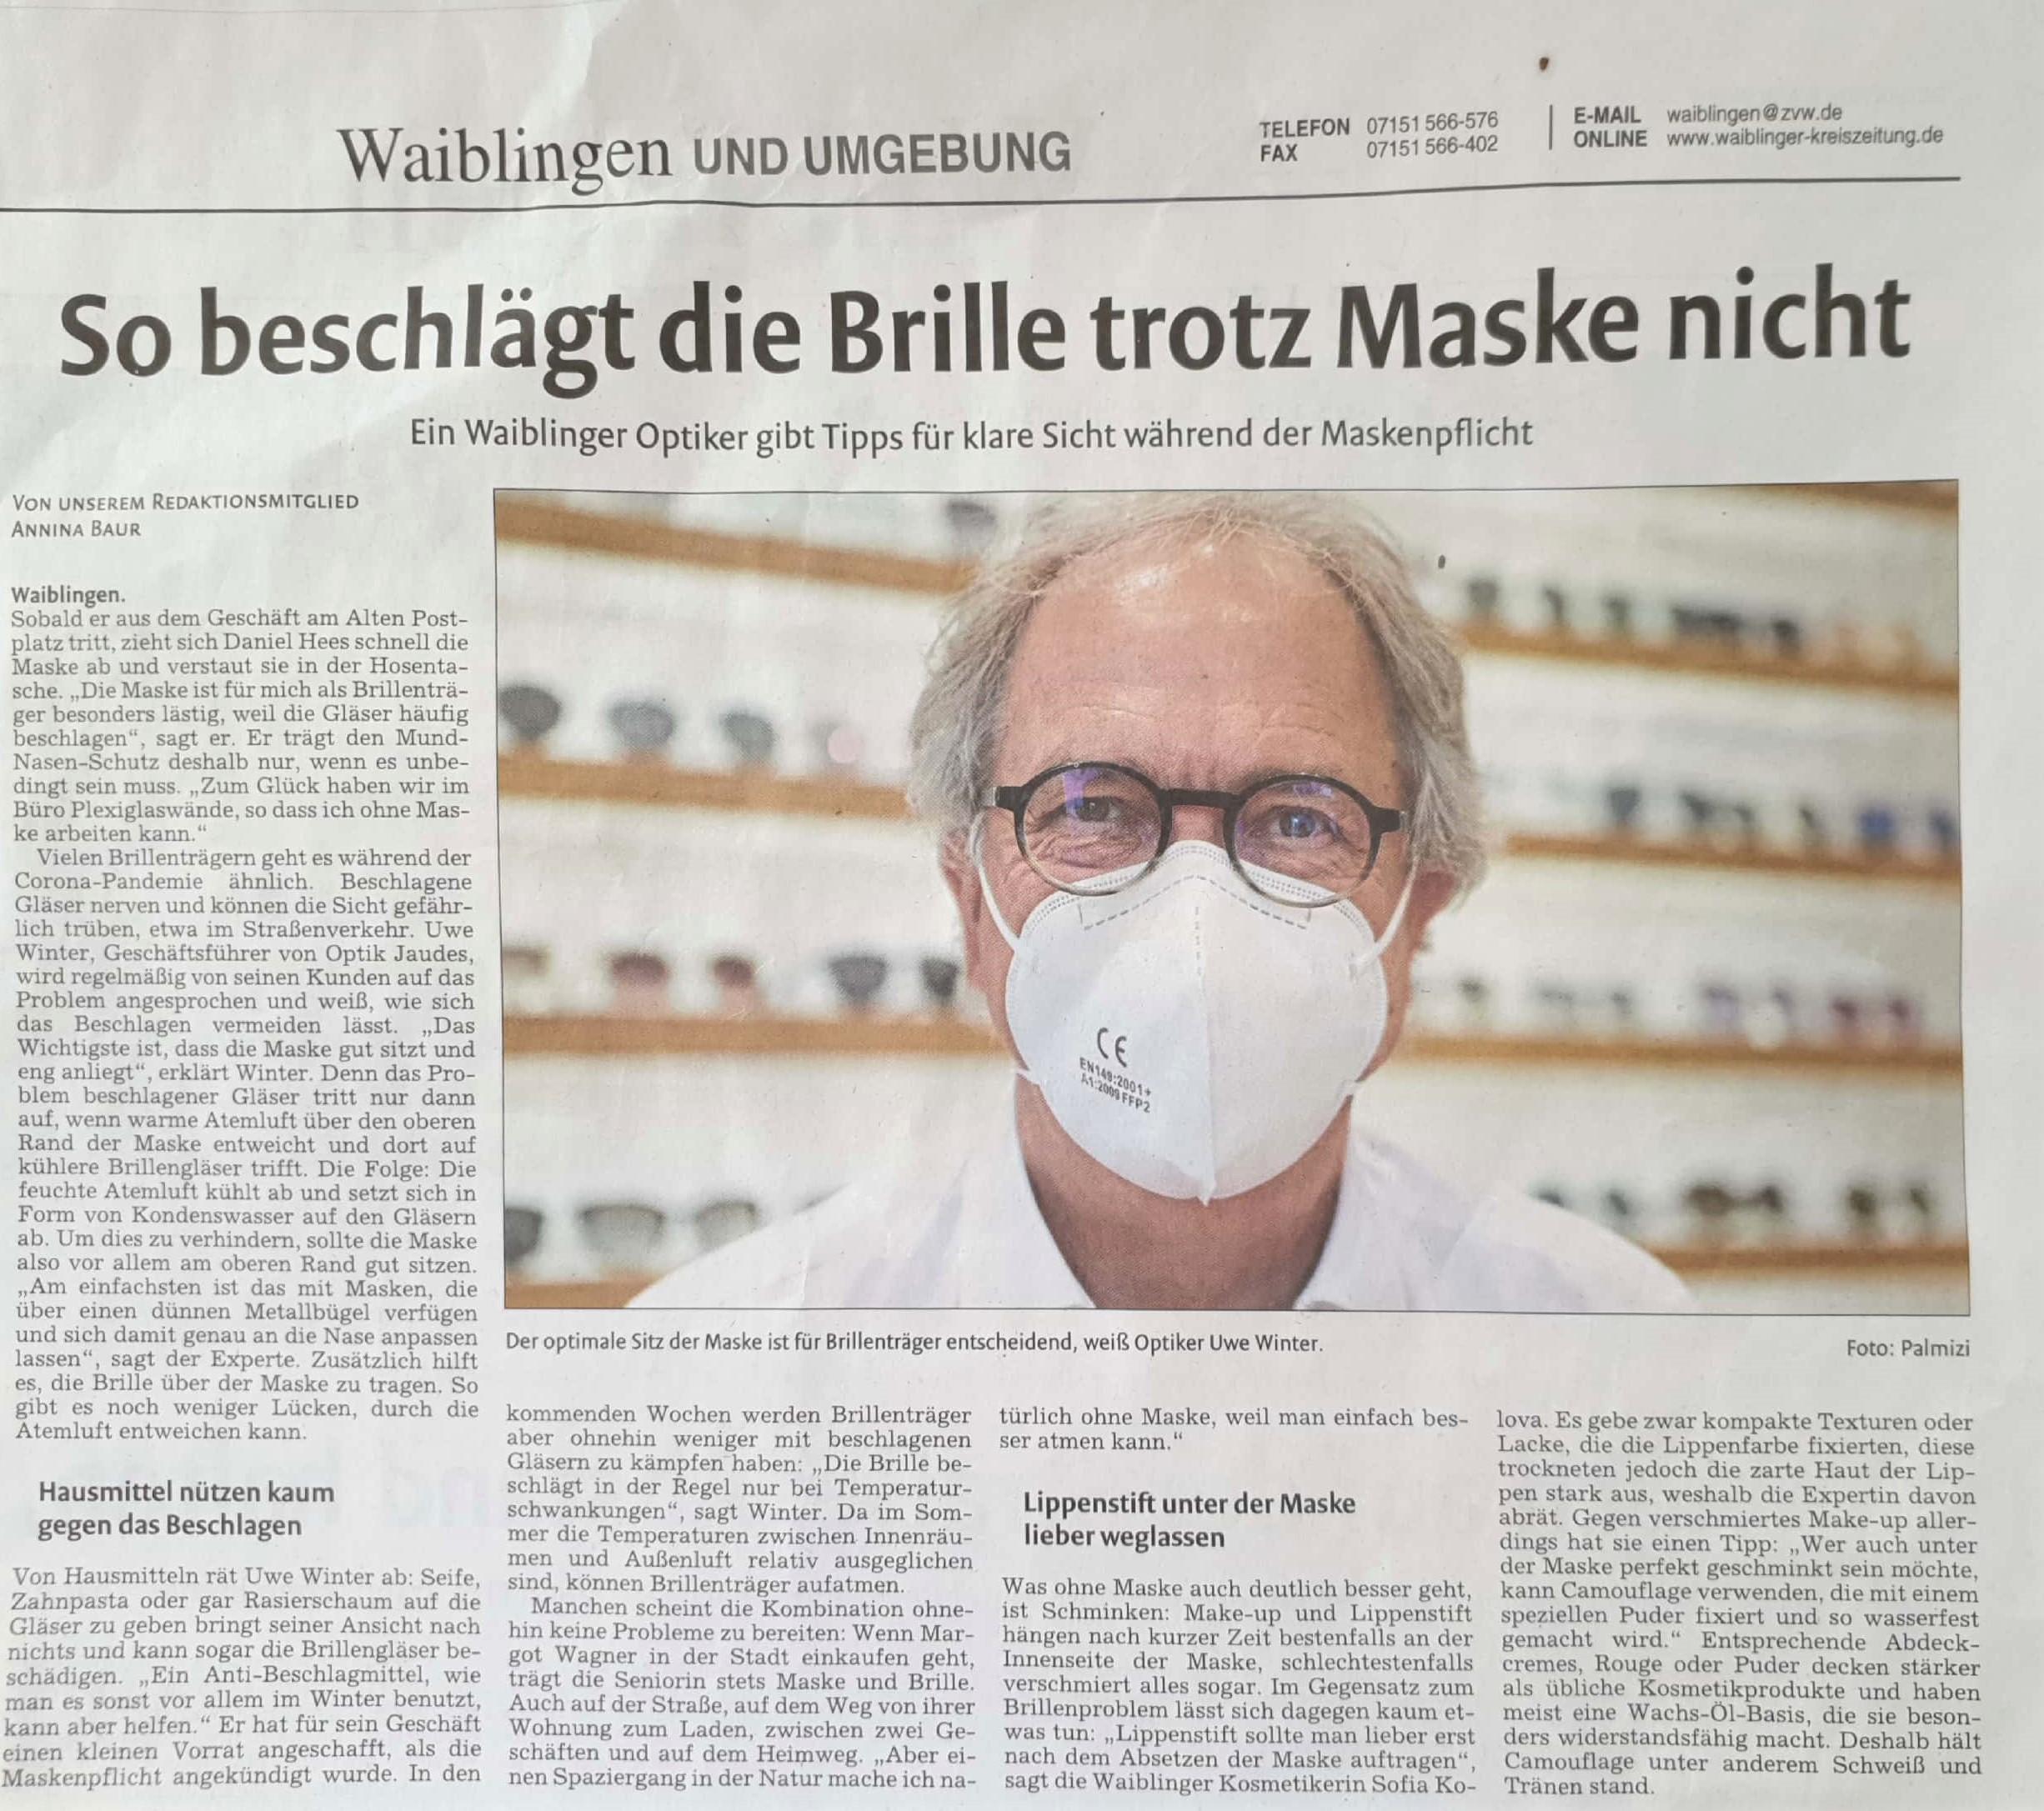 Crona, beschlagene Brille, Maske, Mund-Nasenschutz